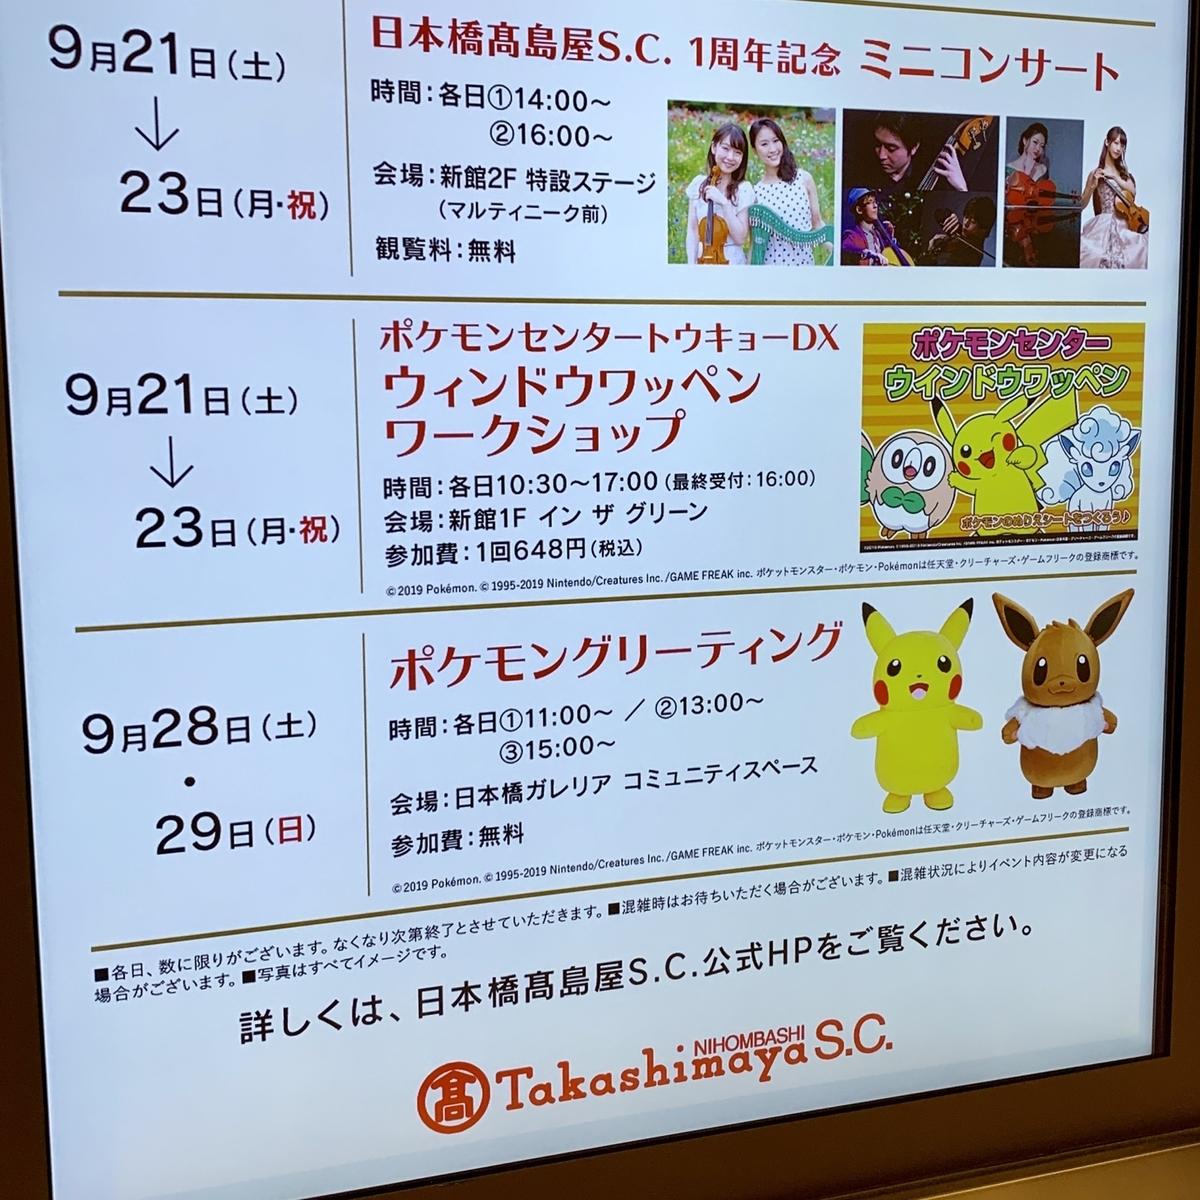 f:id:pikachu_pcn:20190913221826j:plain